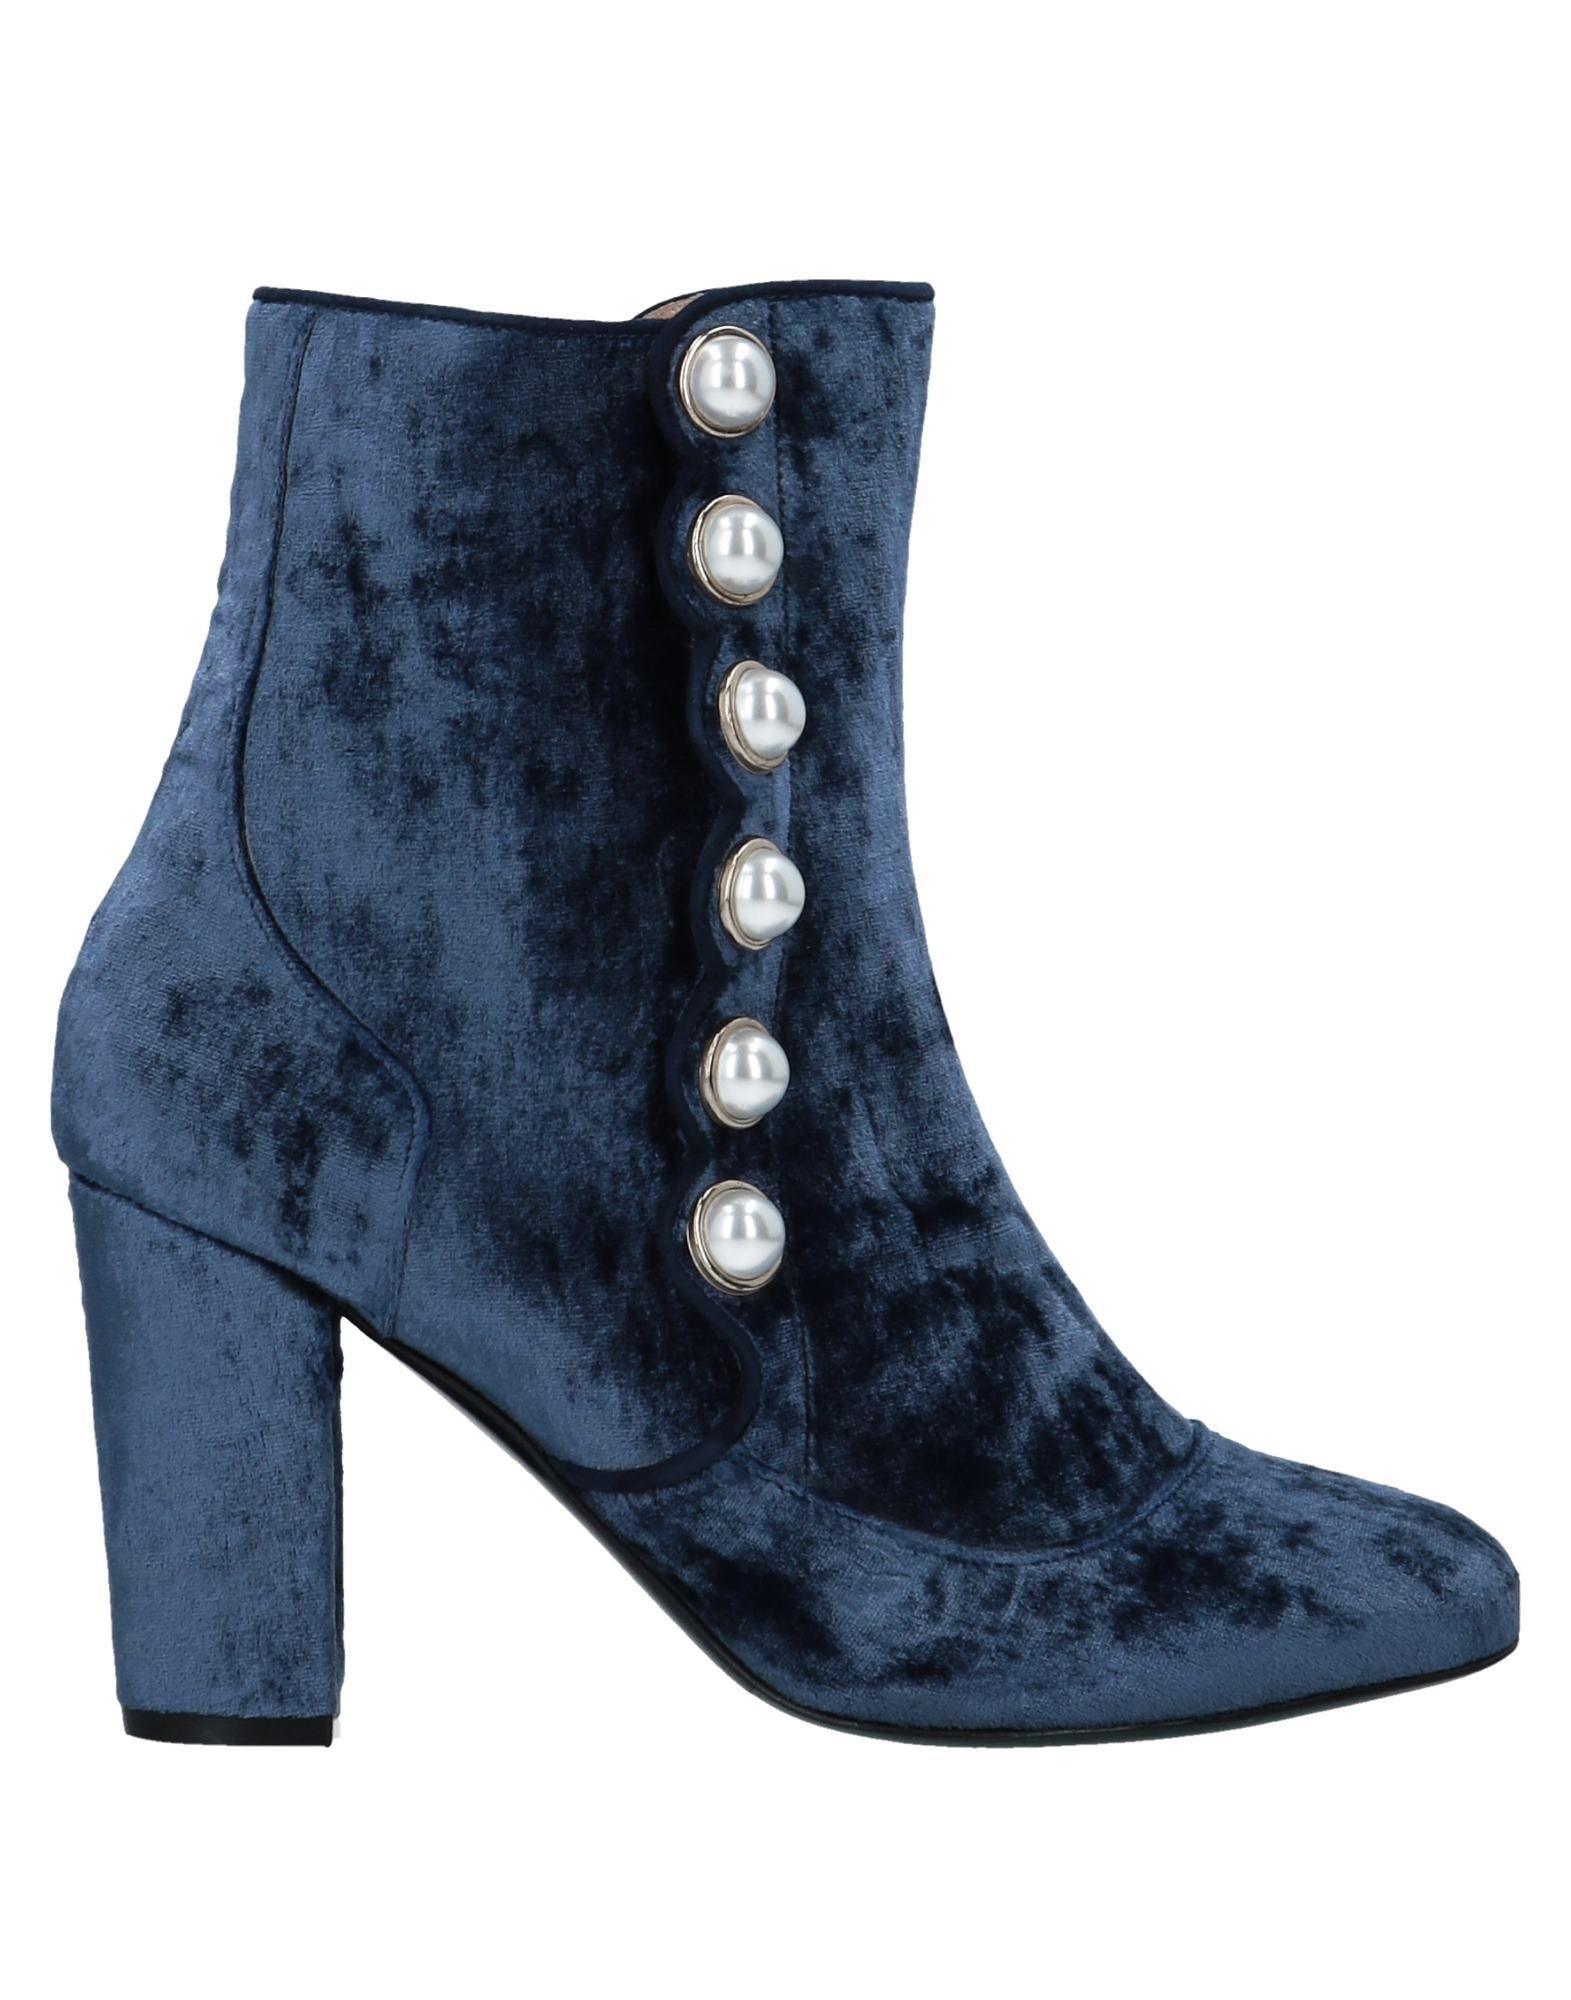 Rabatt Damen Schuhe Louis Leeman Stiefelette Damen Rabatt  11543067JE a4bec2